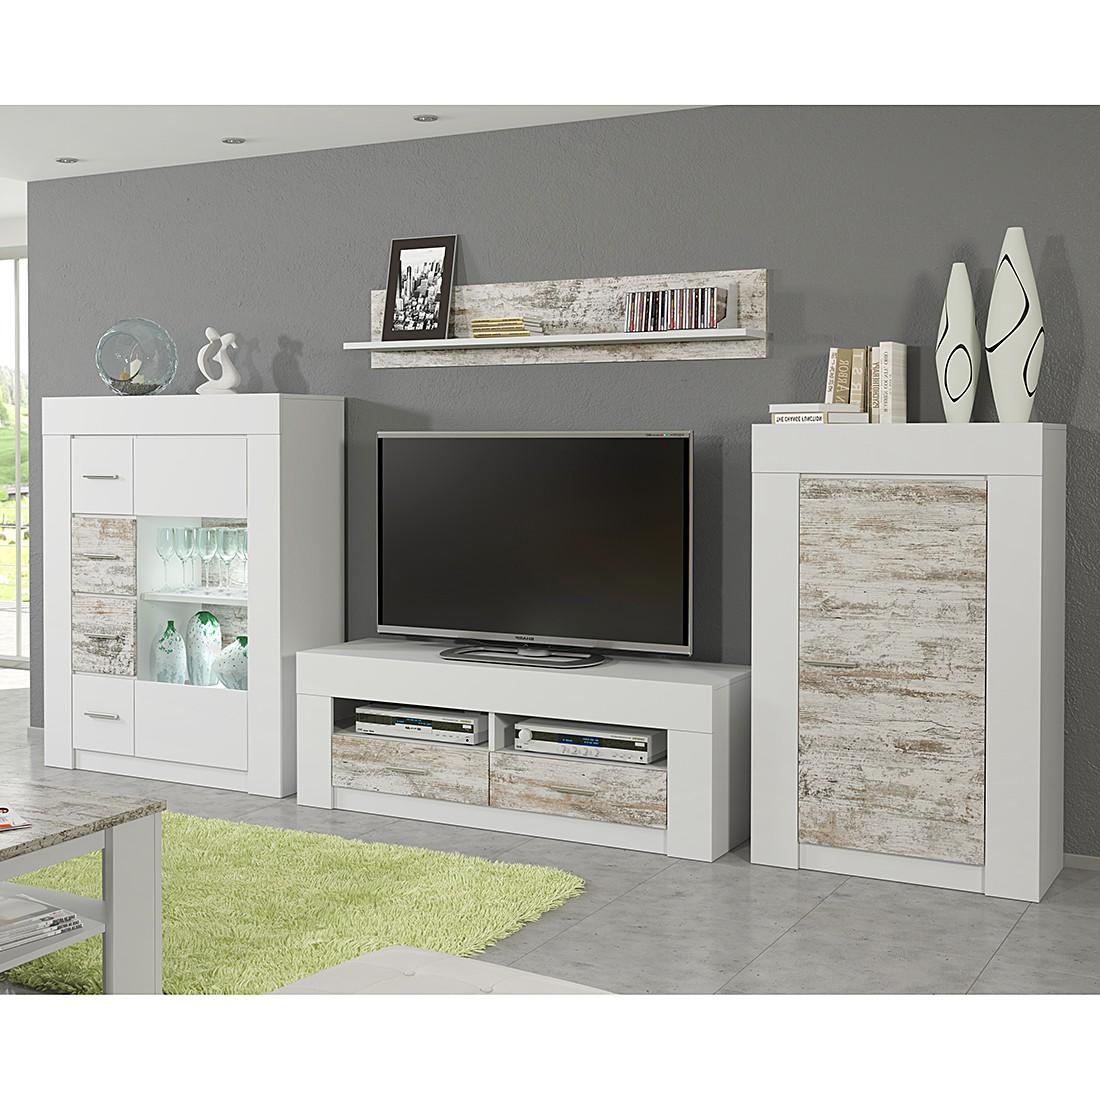 wohnwand cast ii 4 teilig wei white kiefer dekor ohne beleuchtung modoform bestellen. Black Bedroom Furniture Sets. Home Design Ideas